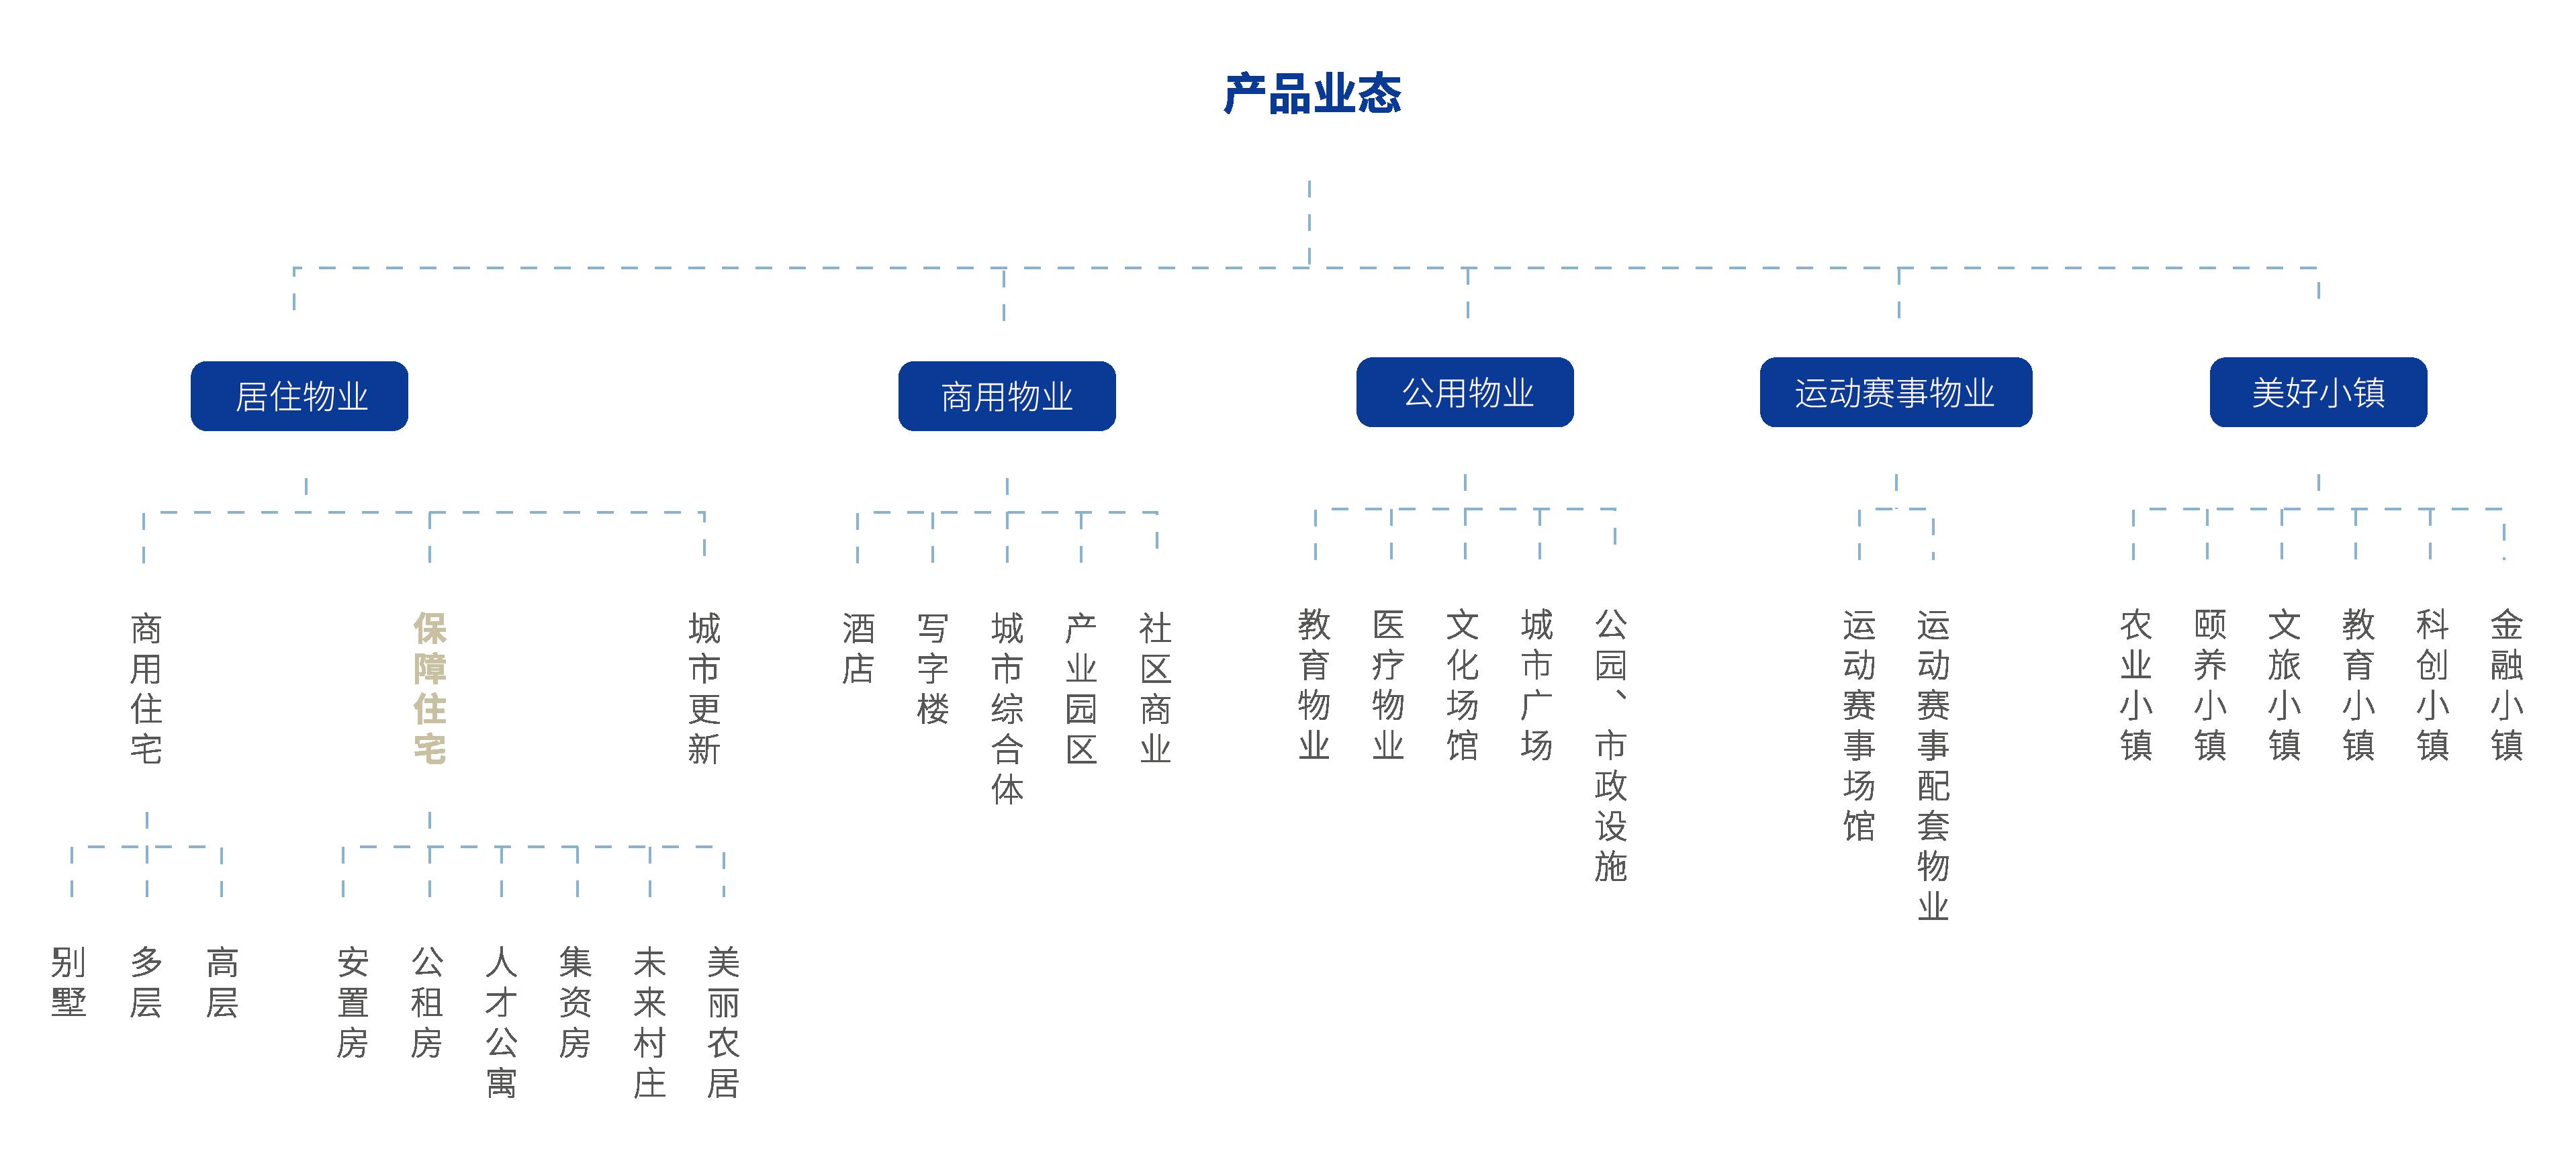 政府代建-画册设计(转曲)-02.png